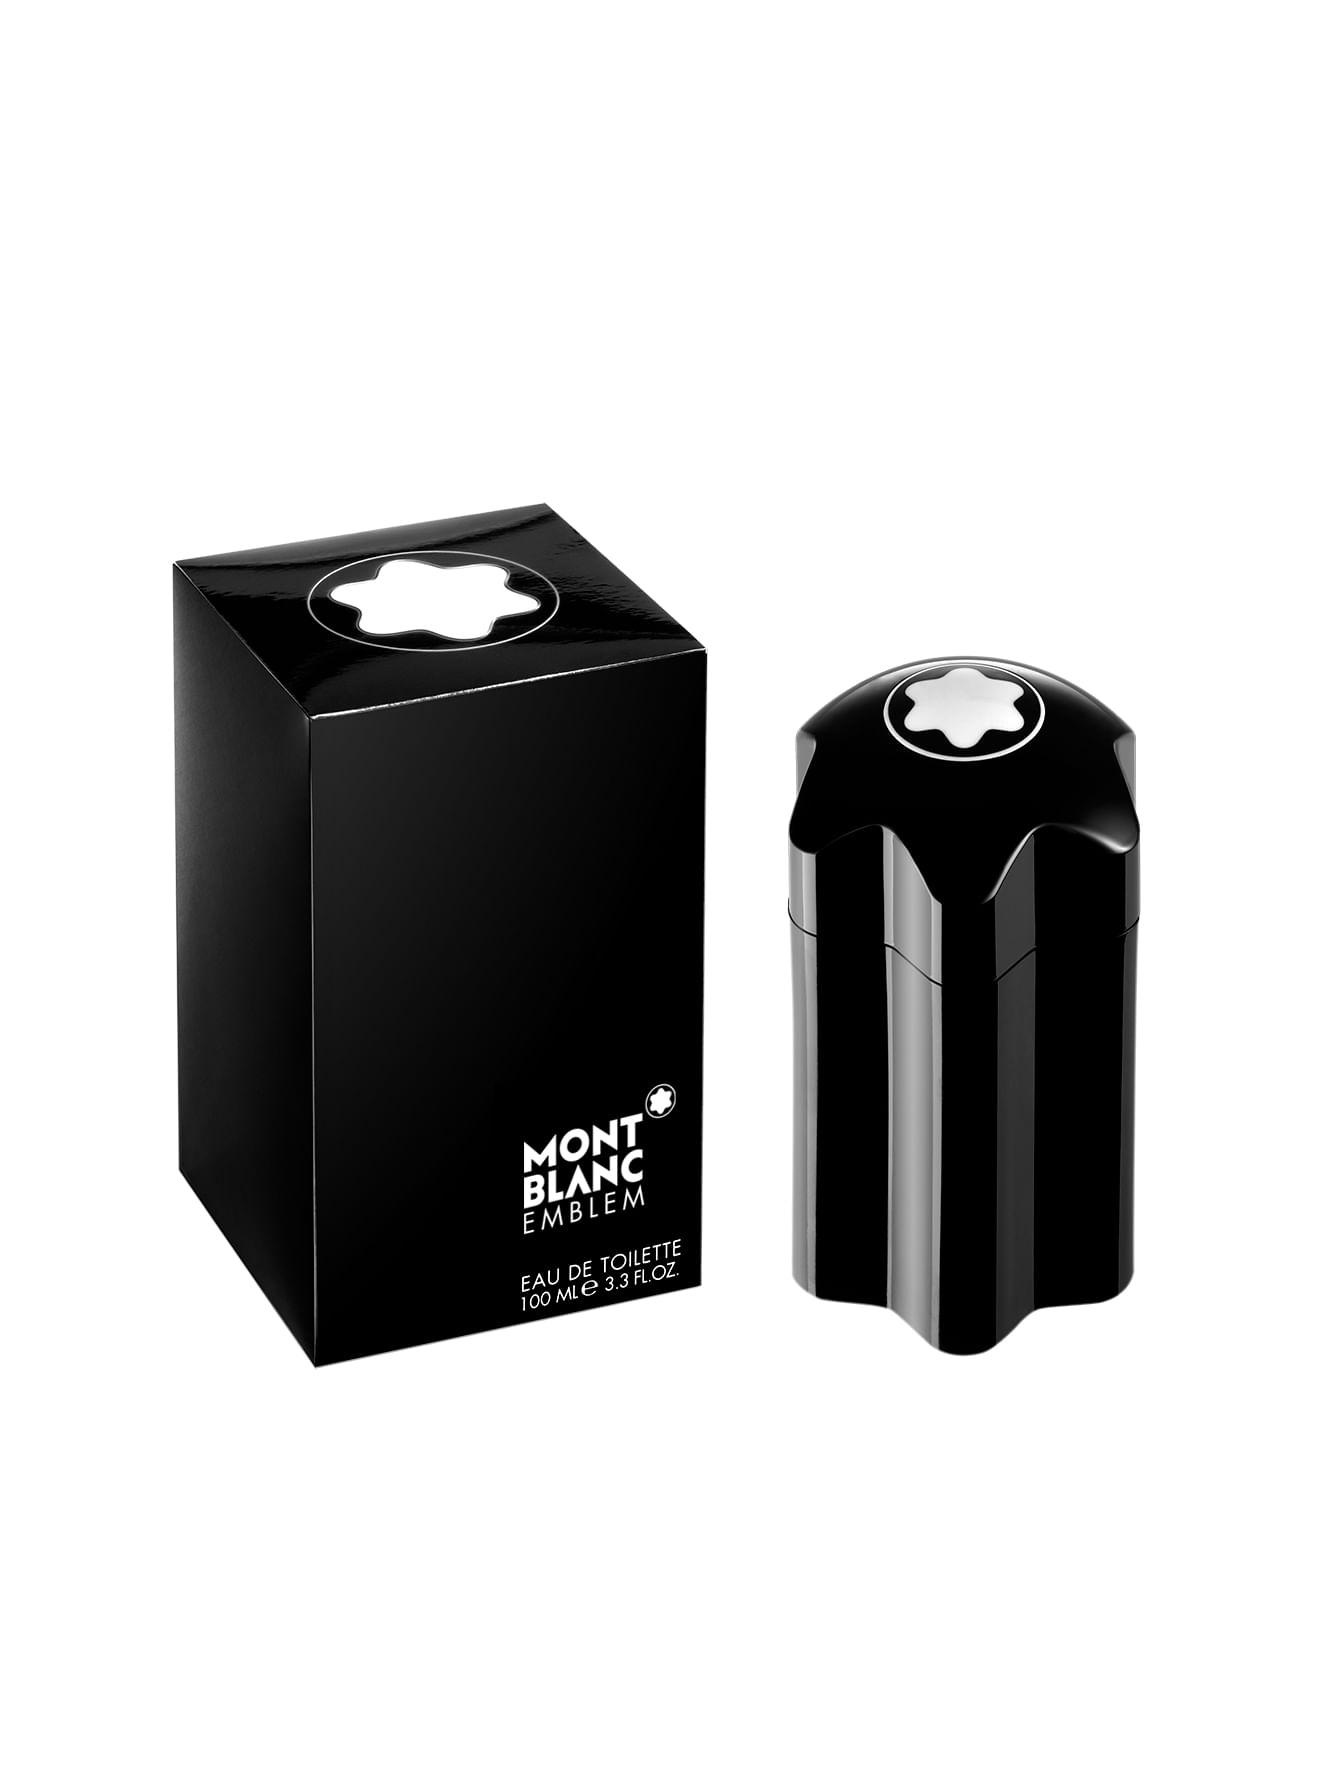 Perfume Hombre Emblem edt 100 ml